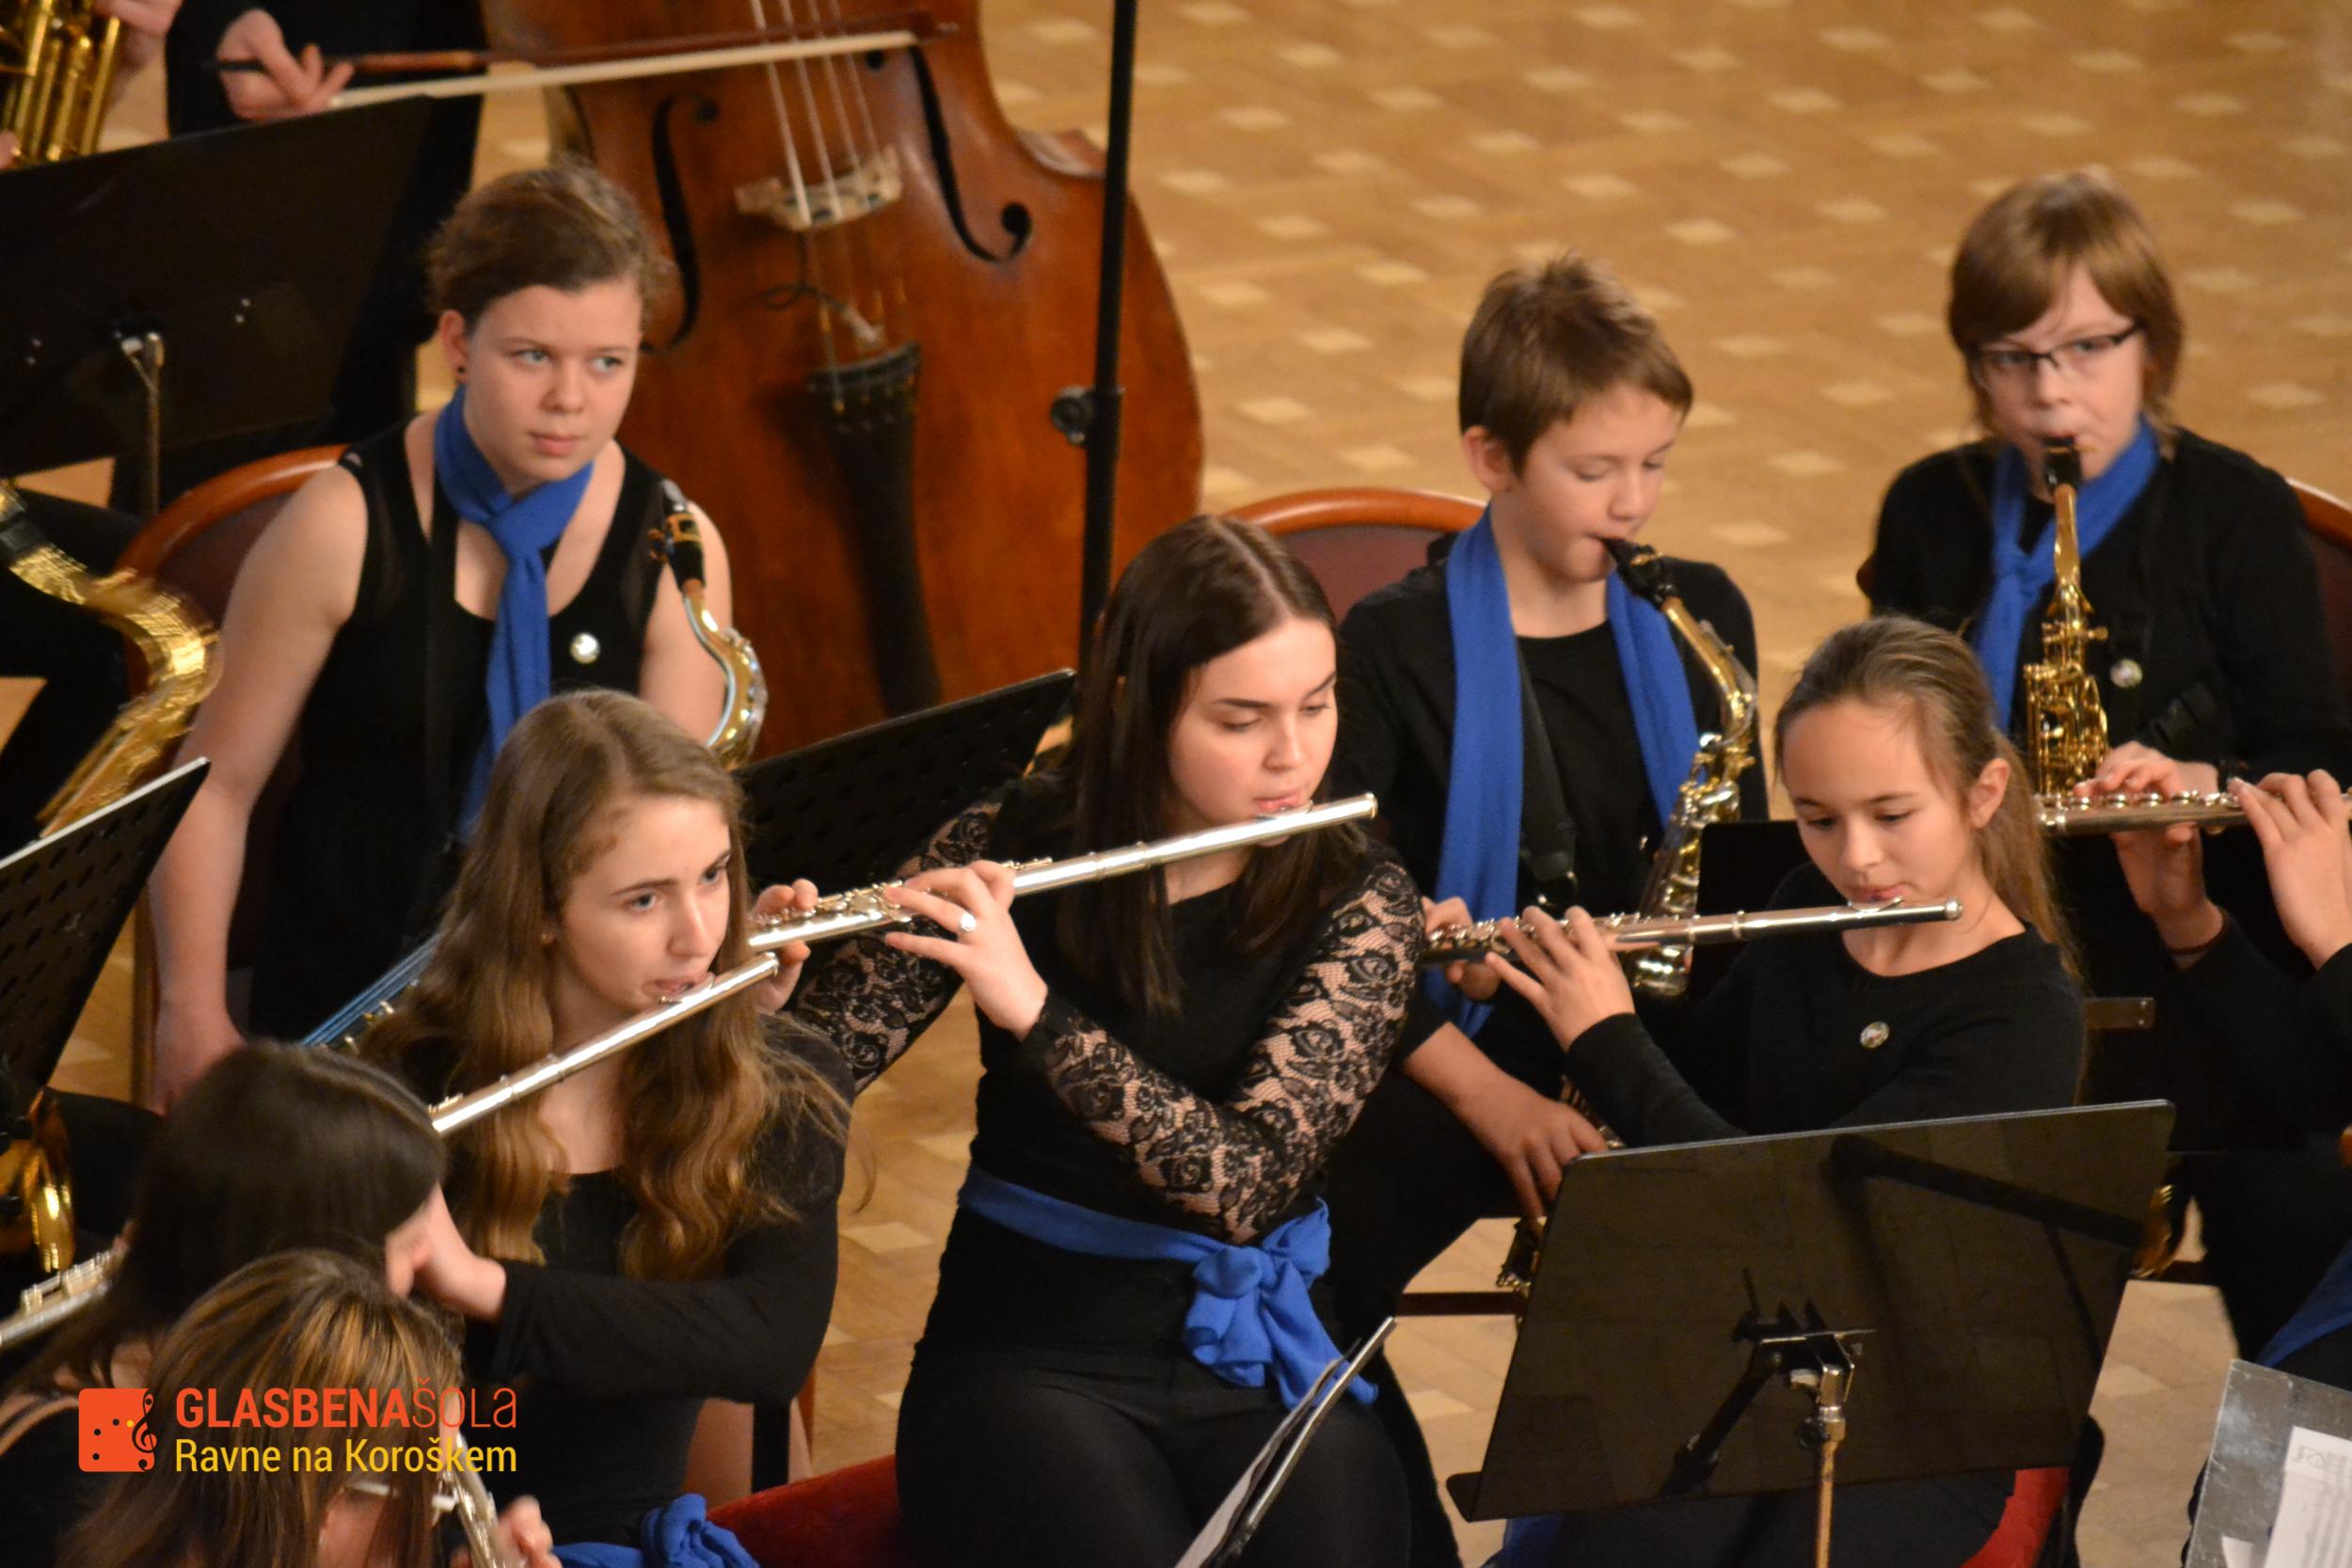 orkester_gs_ravne_rogaska-11